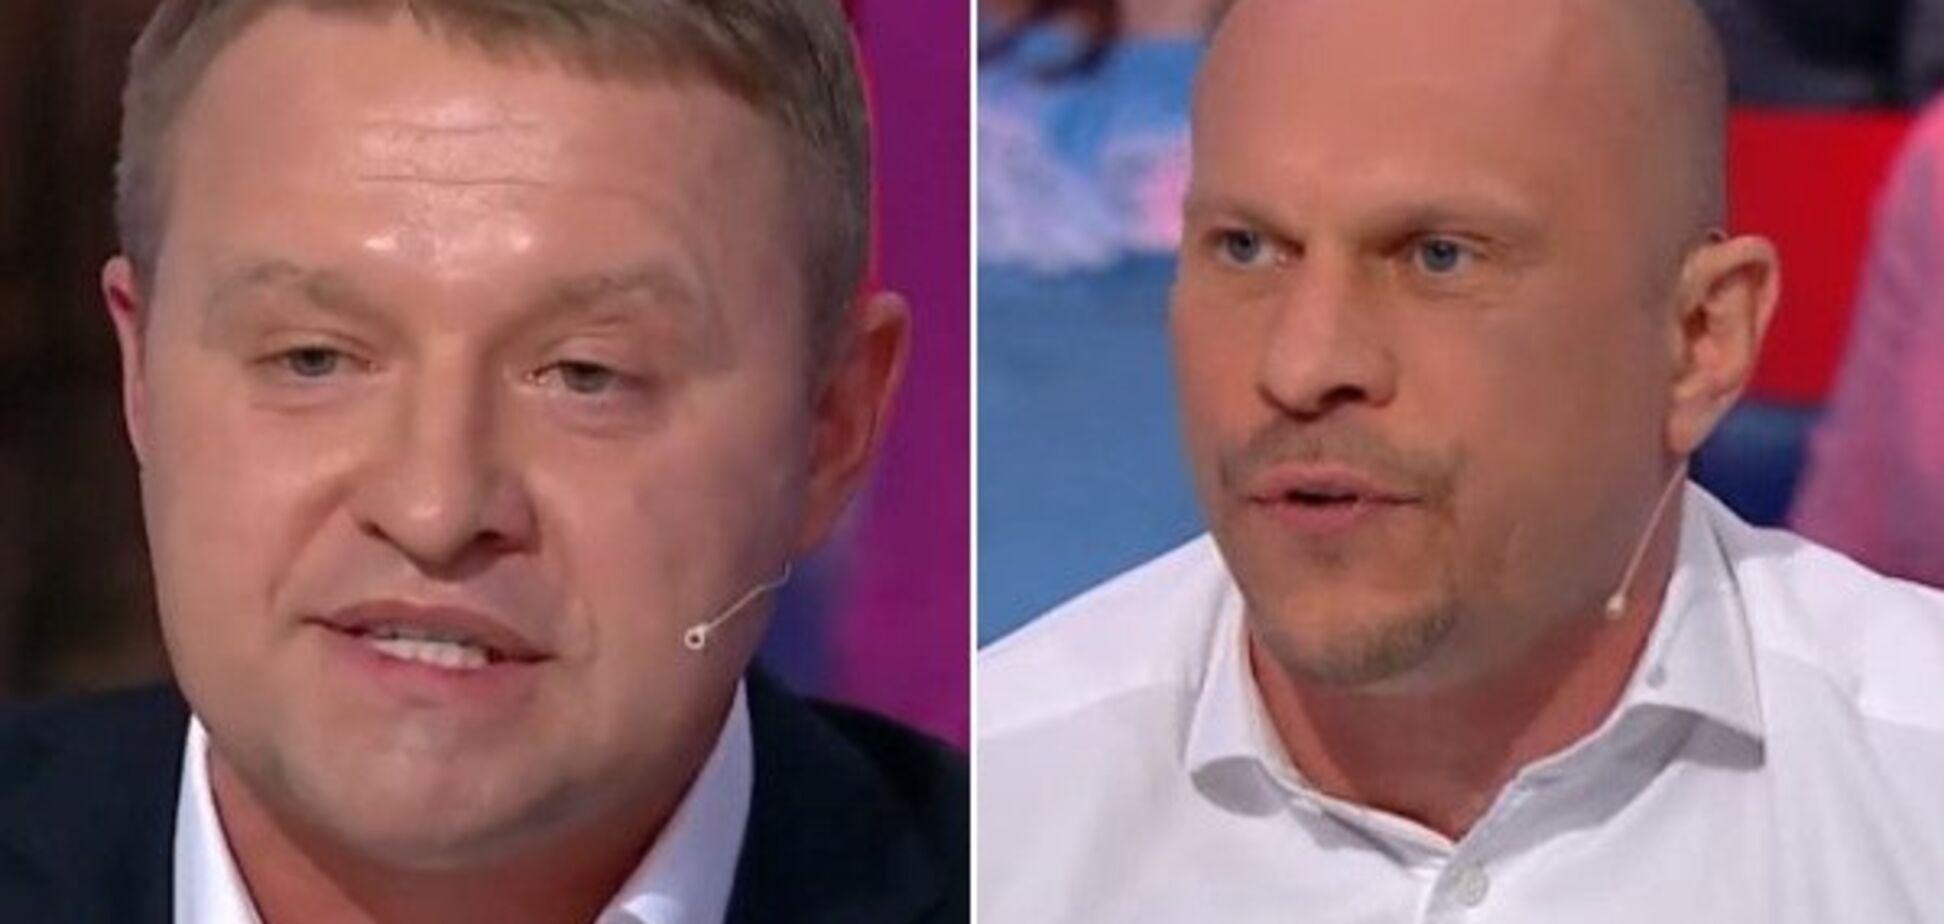 Экс-кандидат в президенты устроил драку в студии известного канала